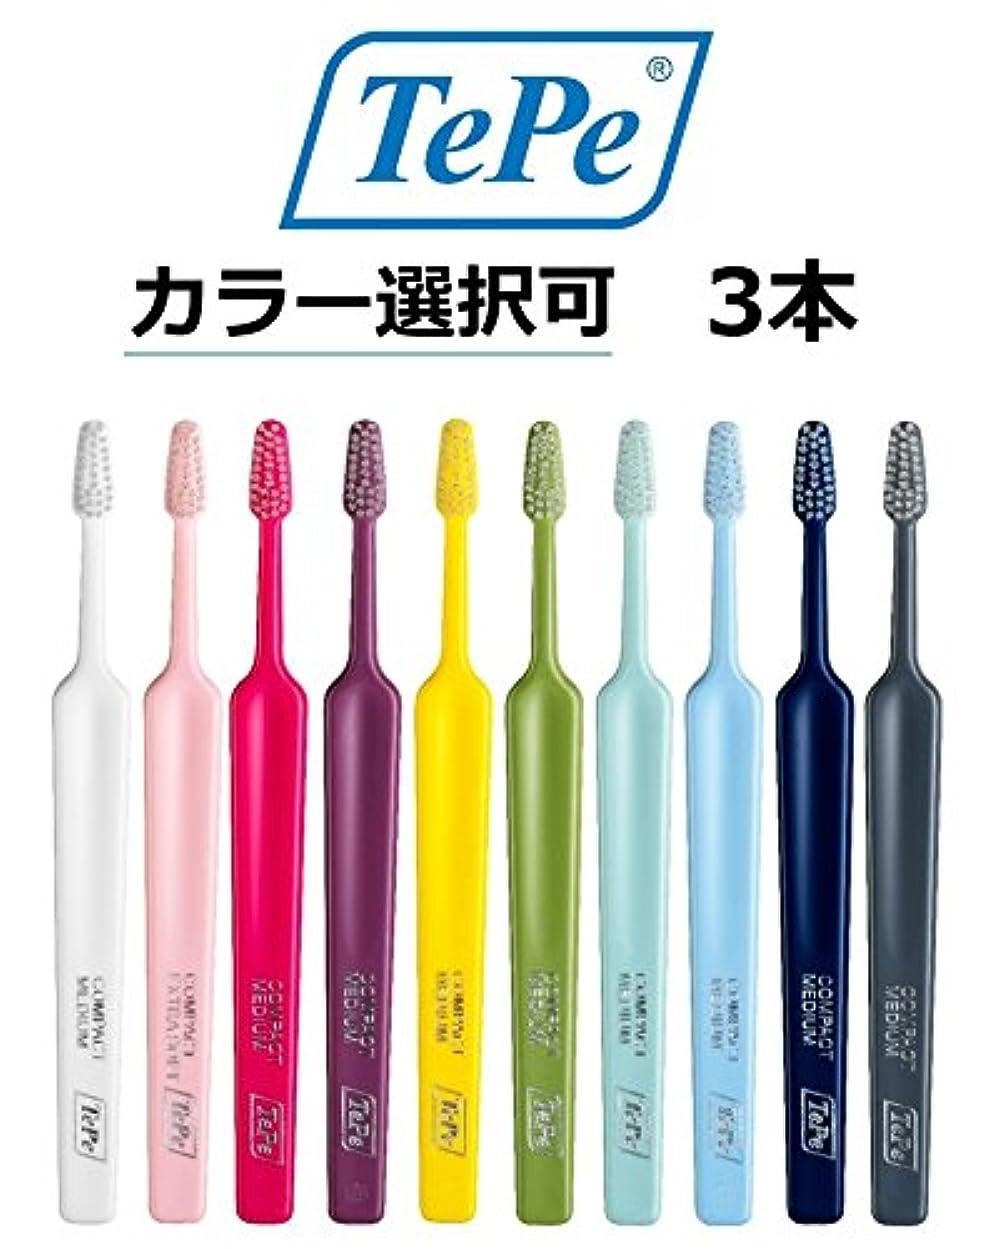 四半期マルコポーロデータム色が選べる! テペ 歯ブラシ コンパクト ソフト(やわらかめ) ミッドナイトブルー 3本